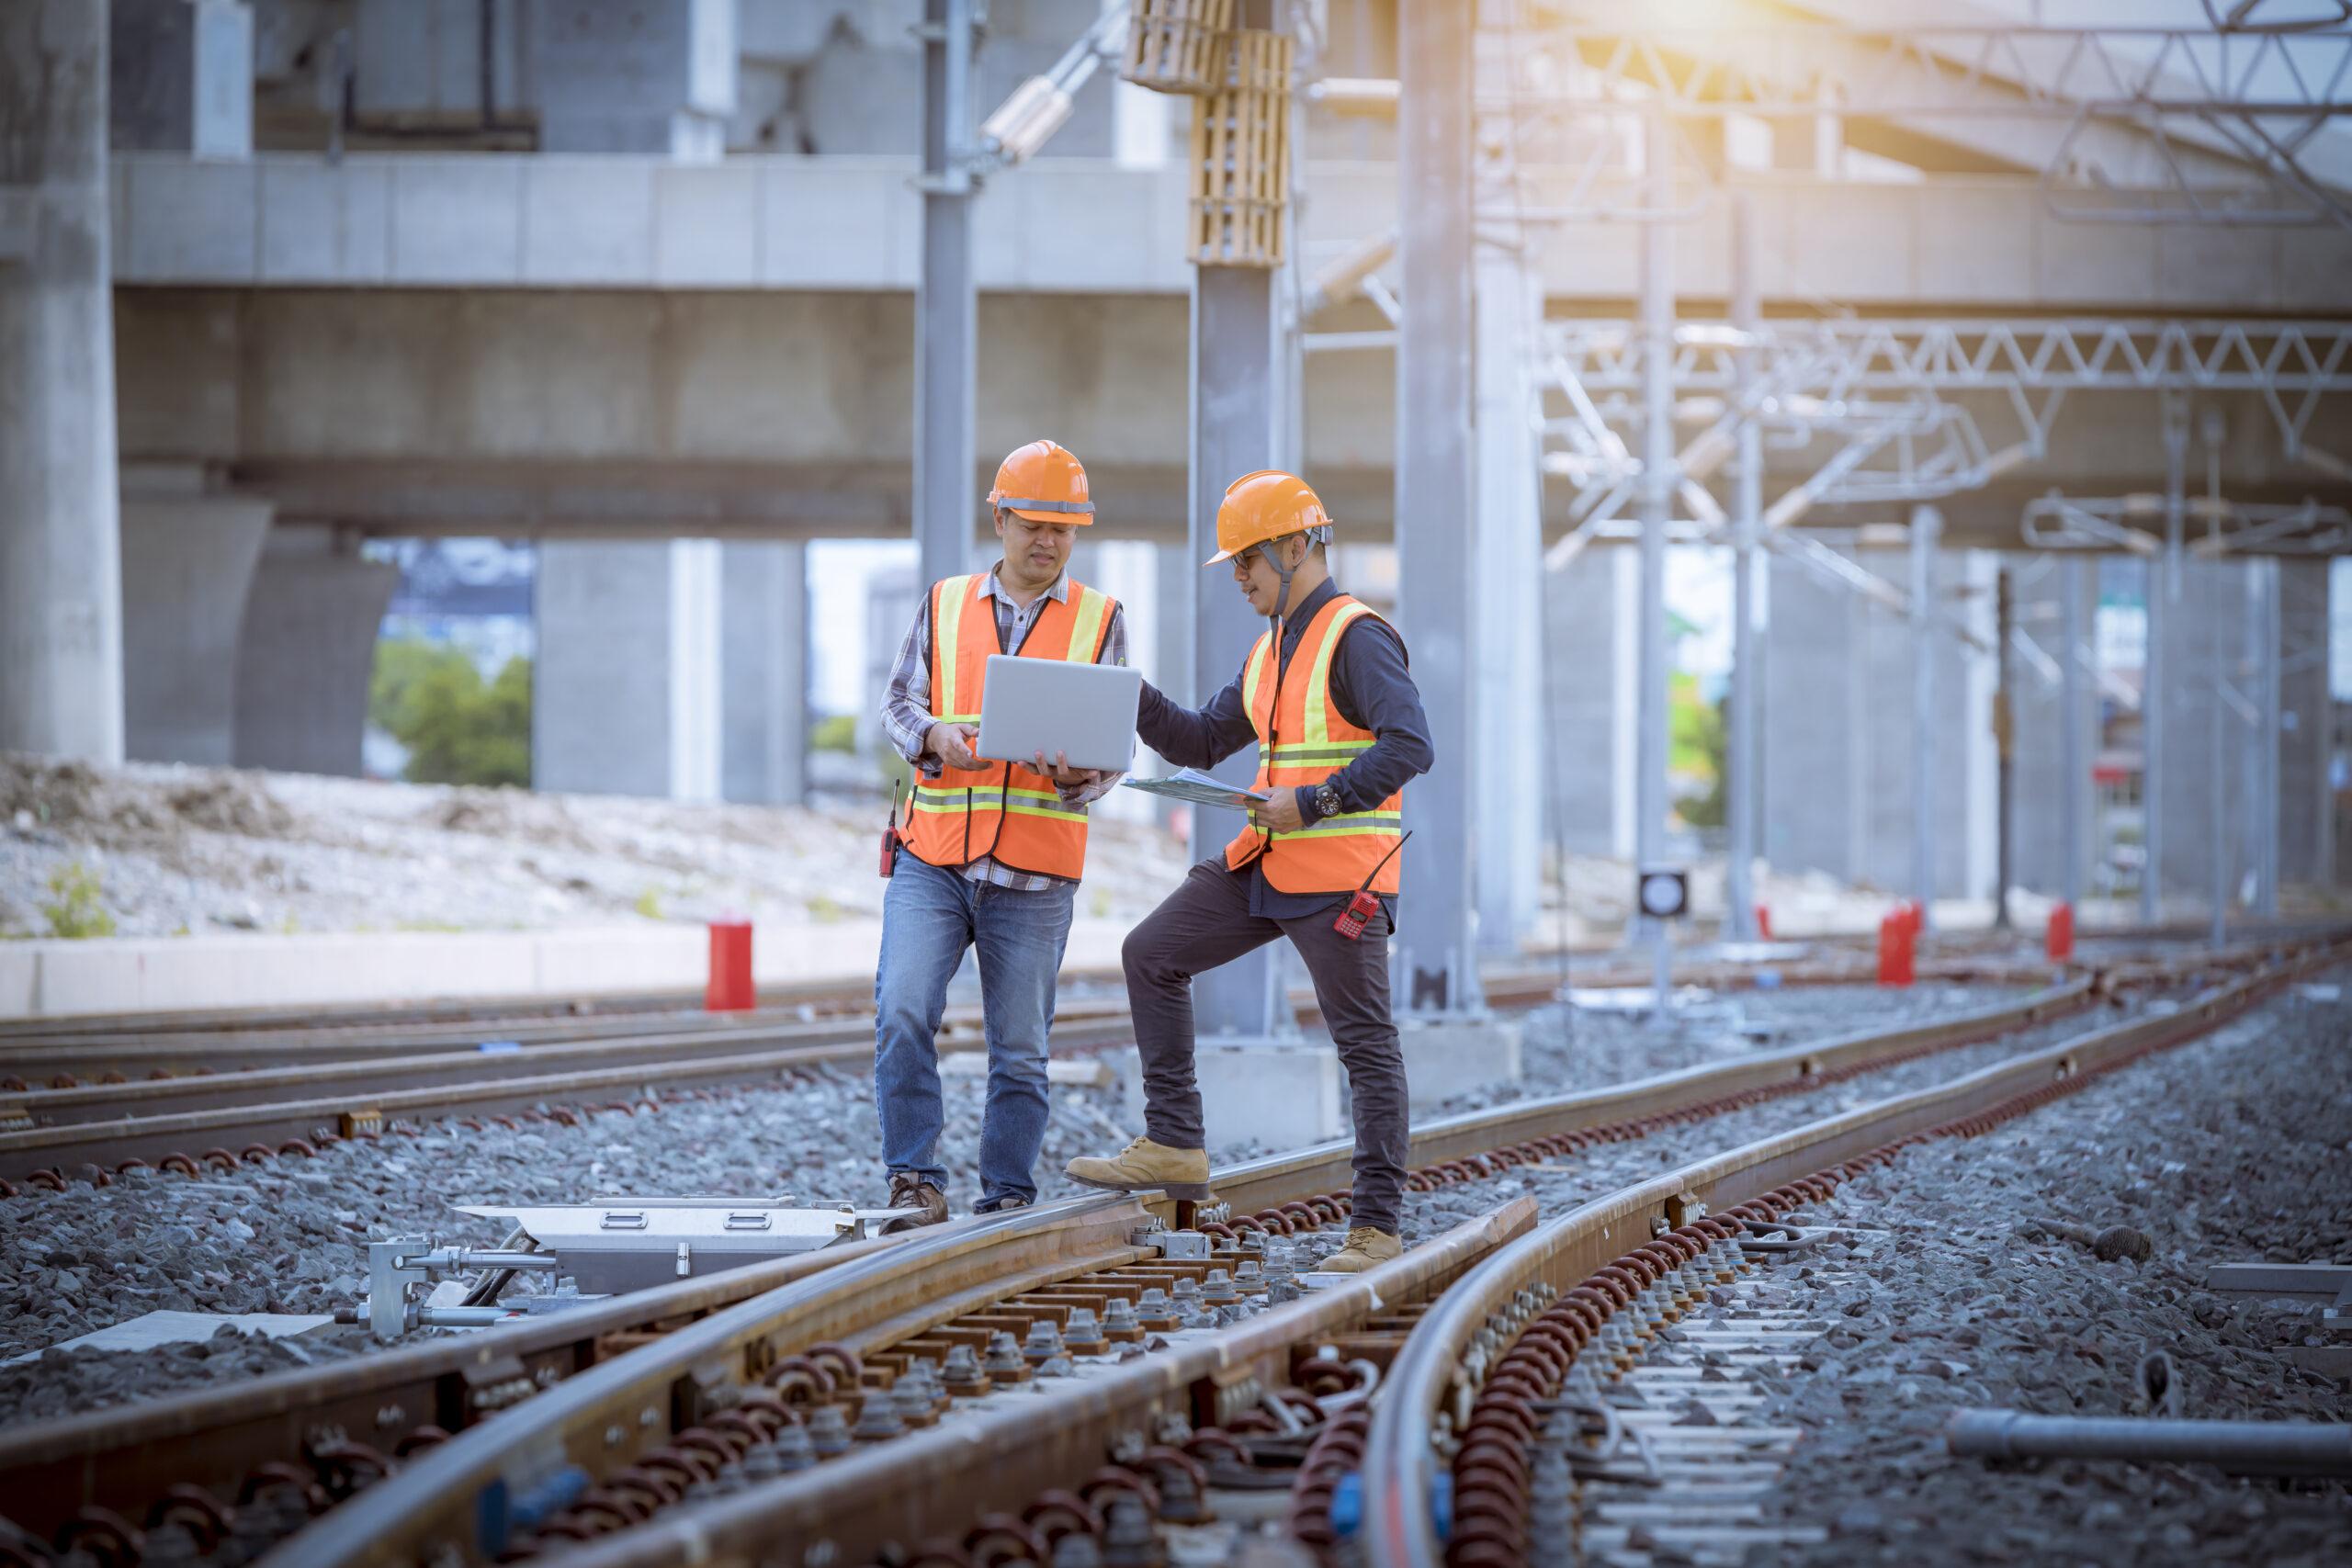 Une étude sur l'évolution de l'emploi et des compétences dans la filière ferroviaire